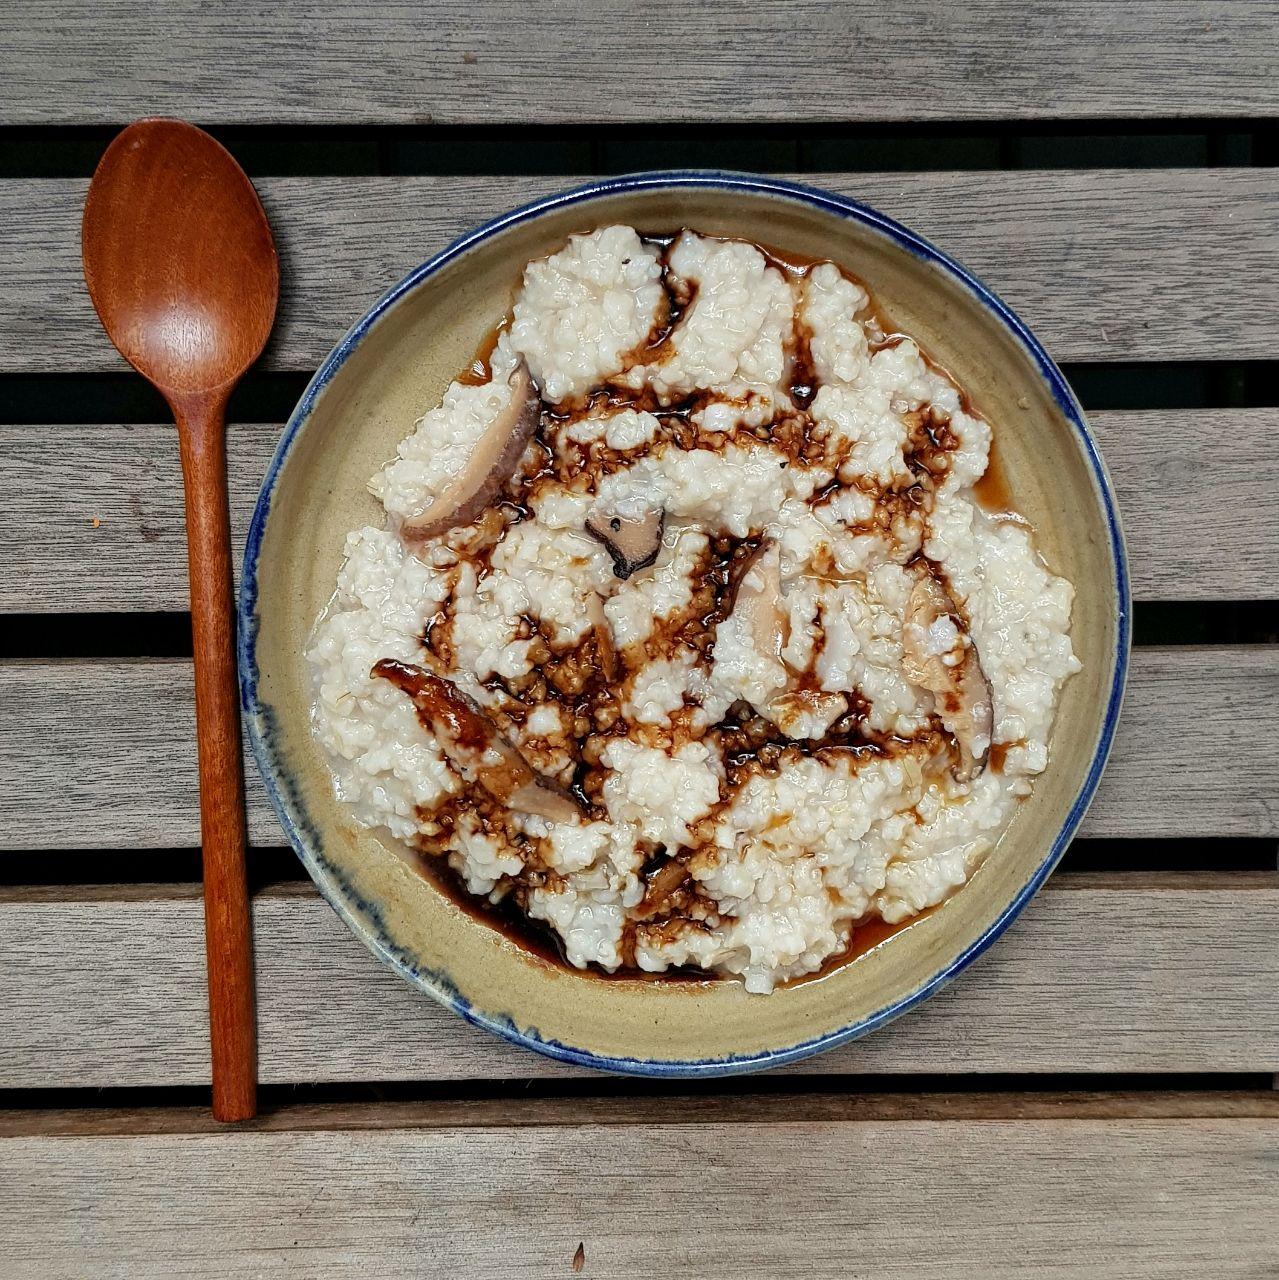 Miso and Mushroom Porridge